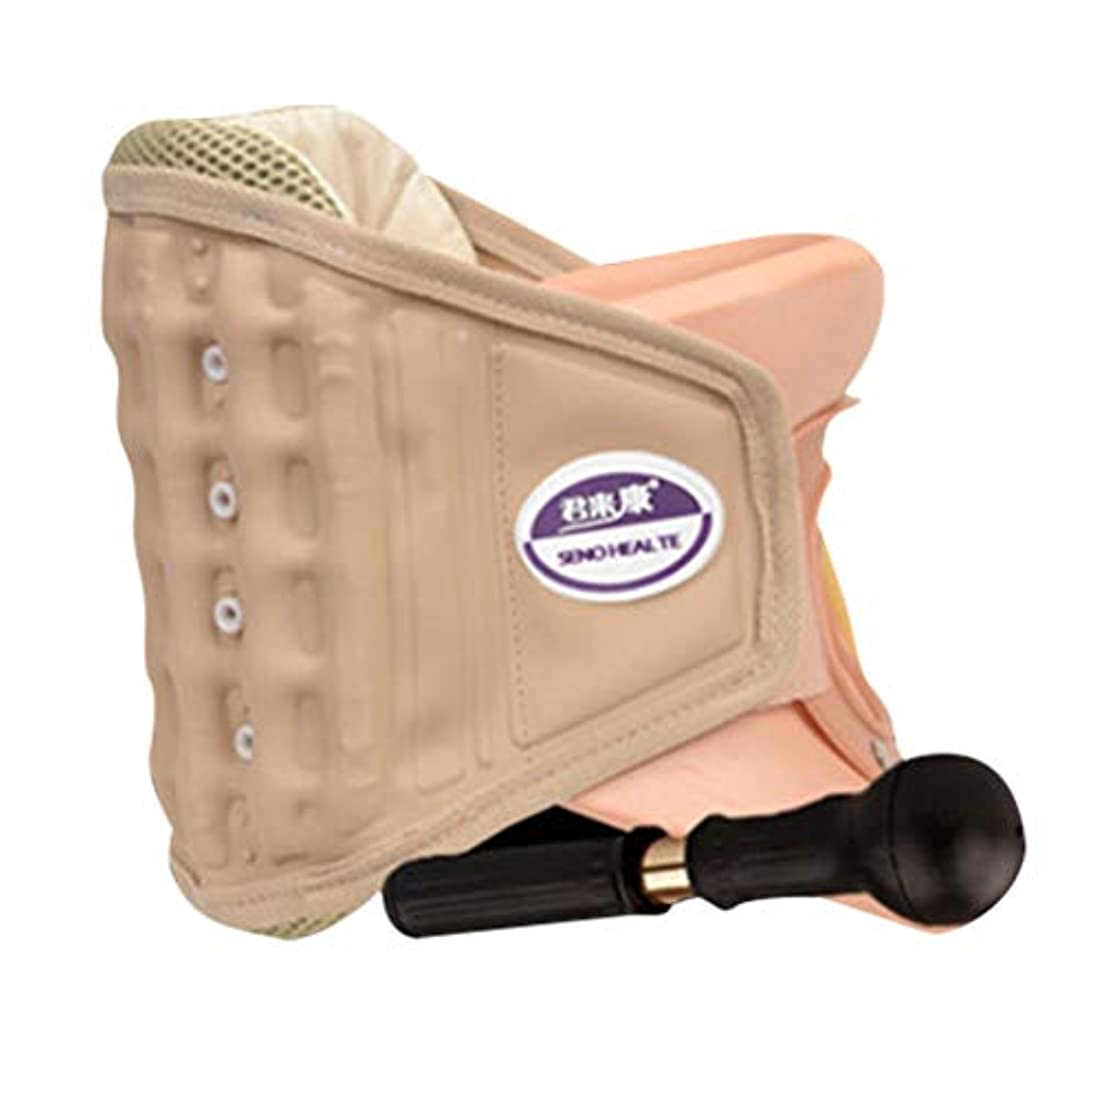 キモい首尾一貫したロケーションSUPVOX 頸部首牽引襟デバイス装具椎骨サポートベルト付きポンプポータブルネックマッサージャー